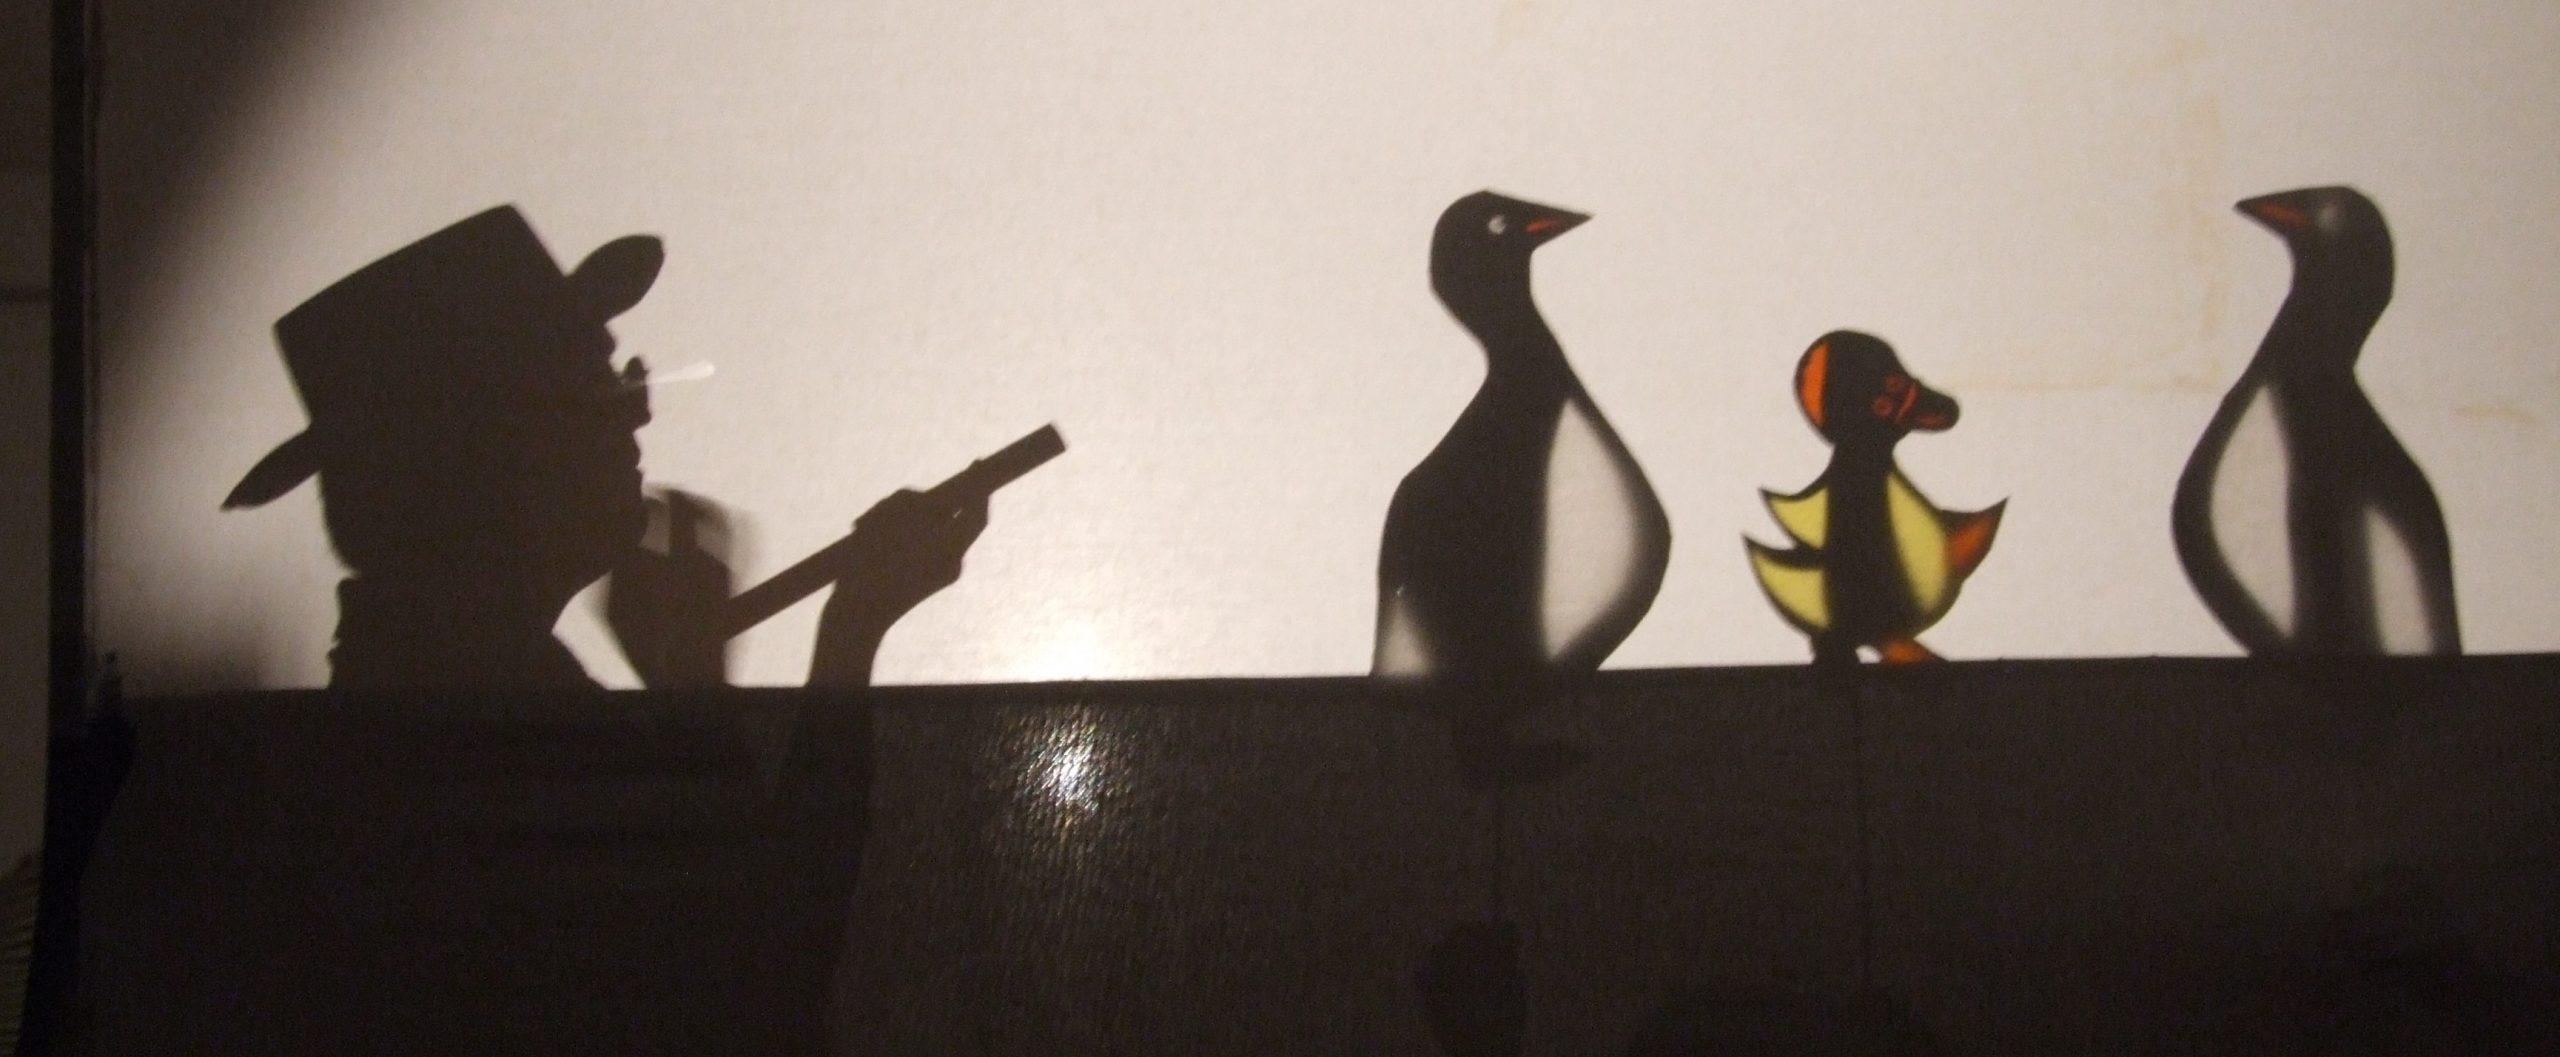 Elvio campione del teatro delle ombre